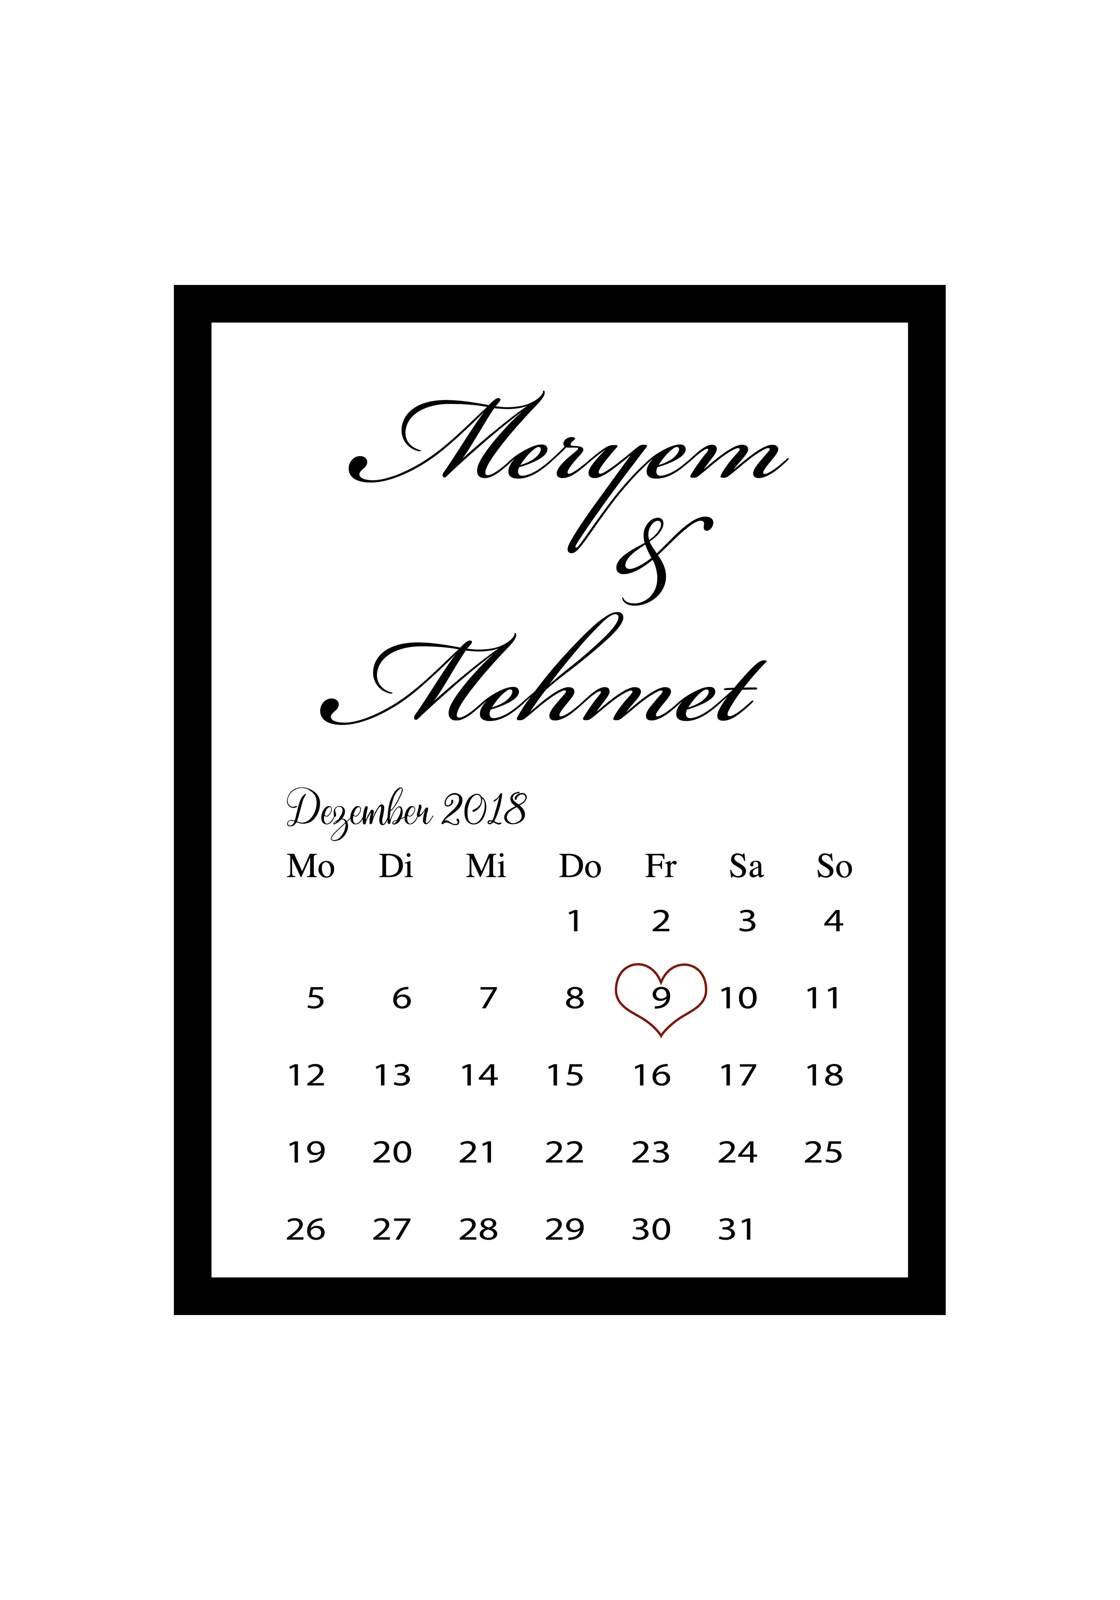 Evlilik hatırası takvim sayfası_opt